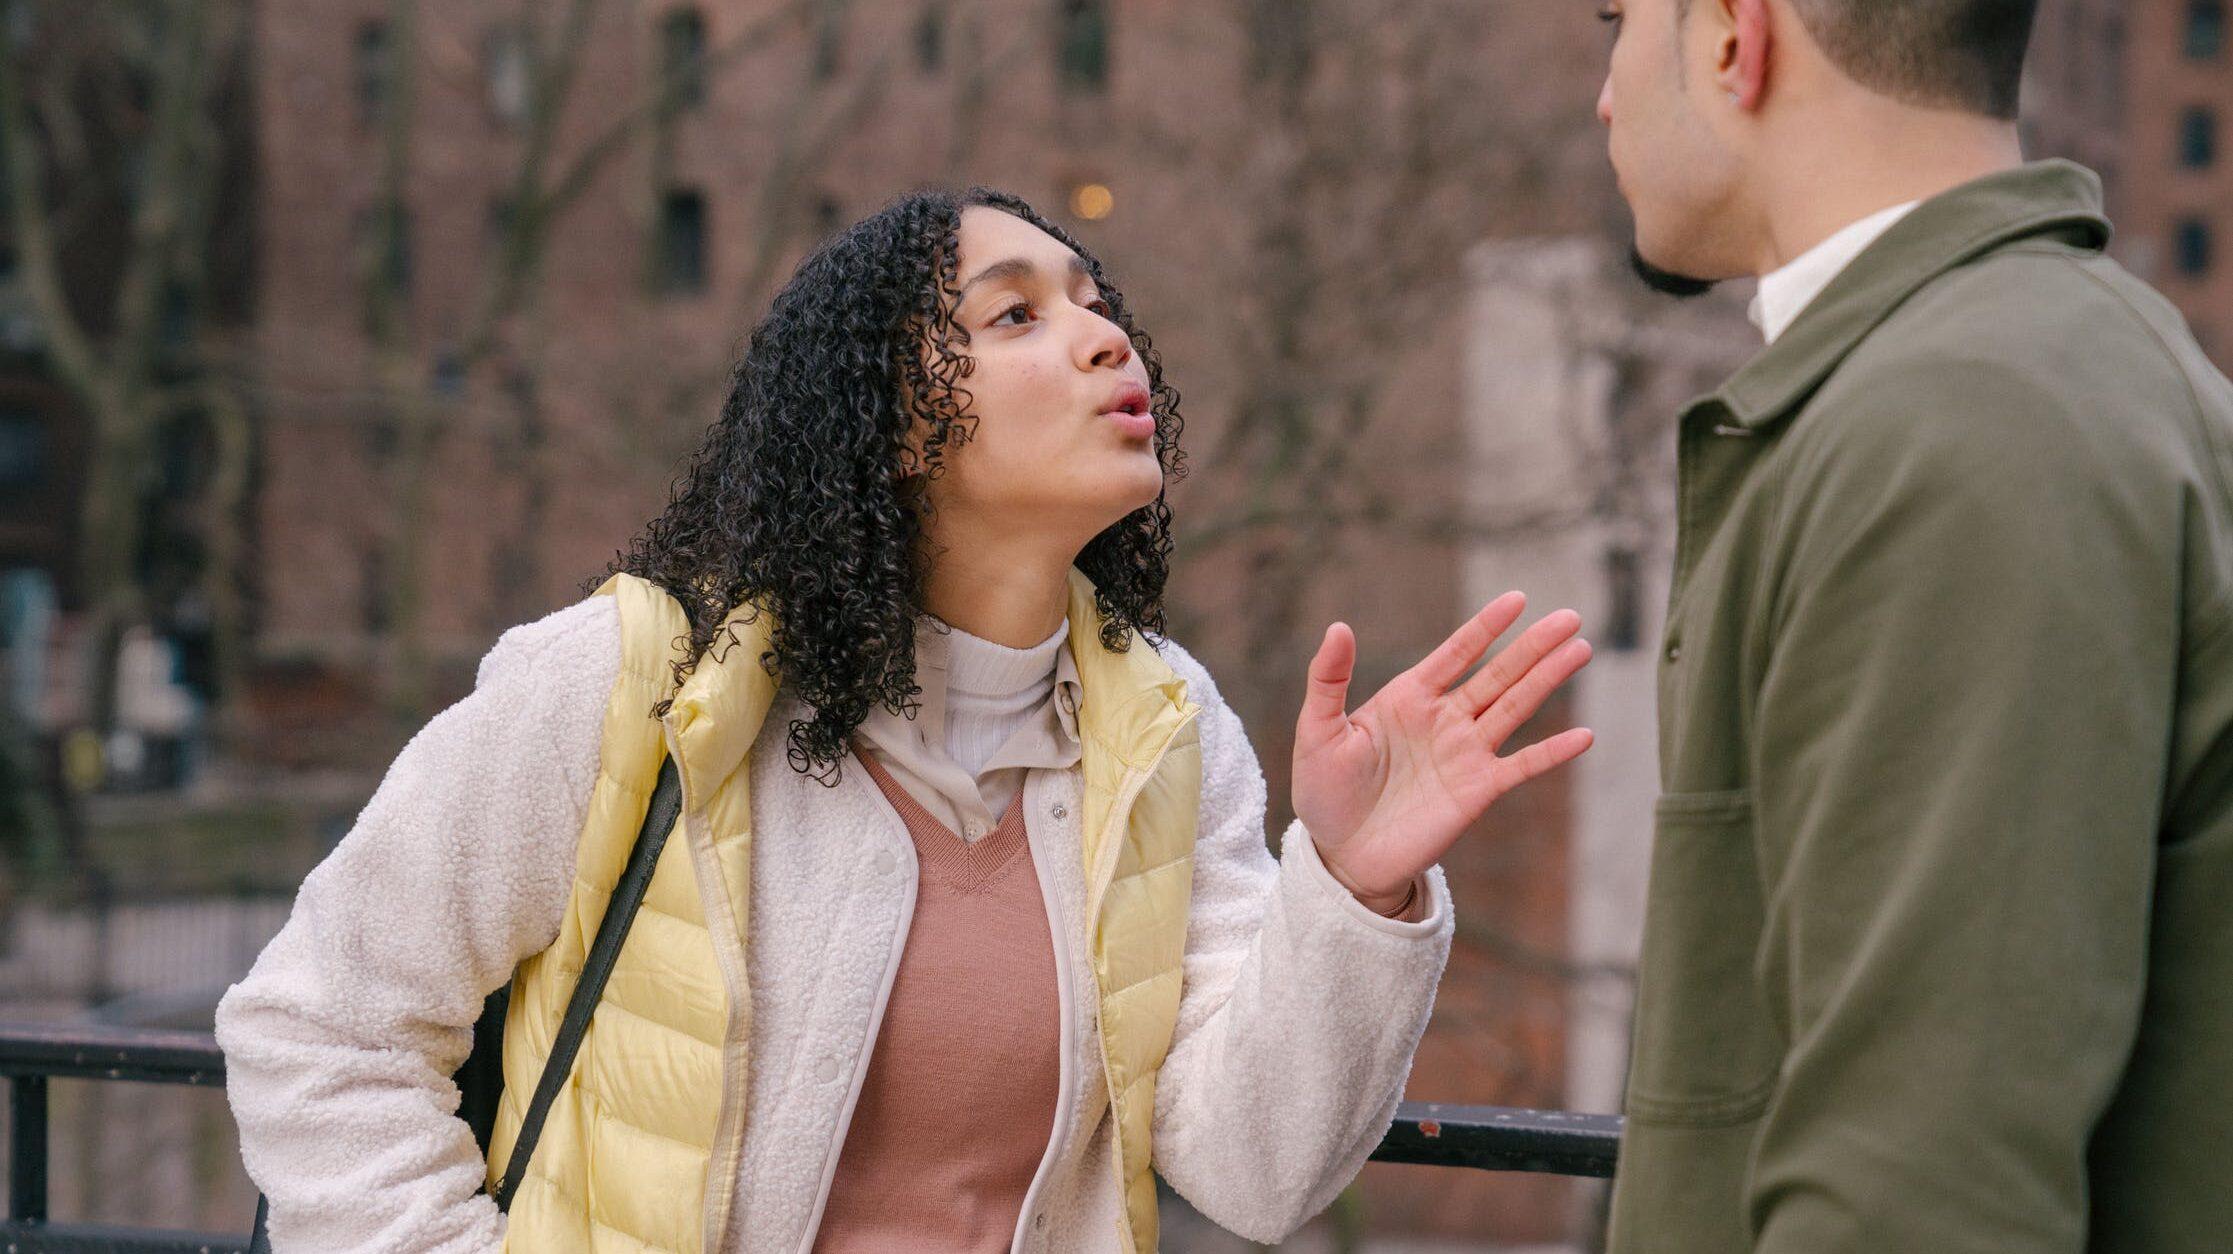 旦那を好きになれない…そんなあなたに冷めた相手をもう一度好きになる方法のご提案!のイメージ画像3